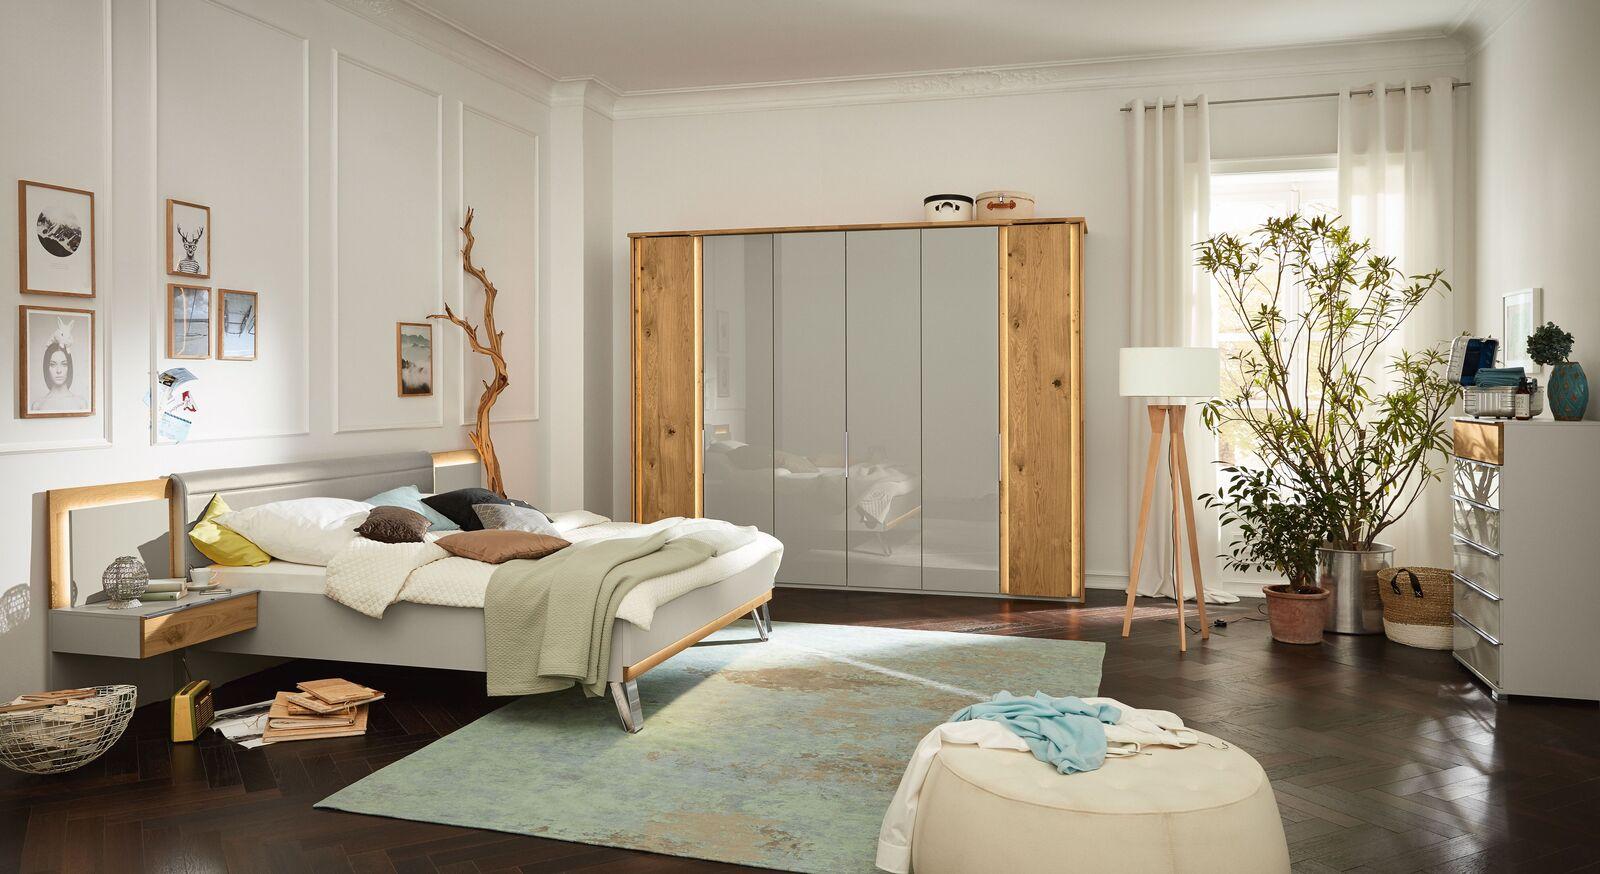 MUSTERRING Schlafzimmer Saphira kieselgrau mit passendem Zubehör